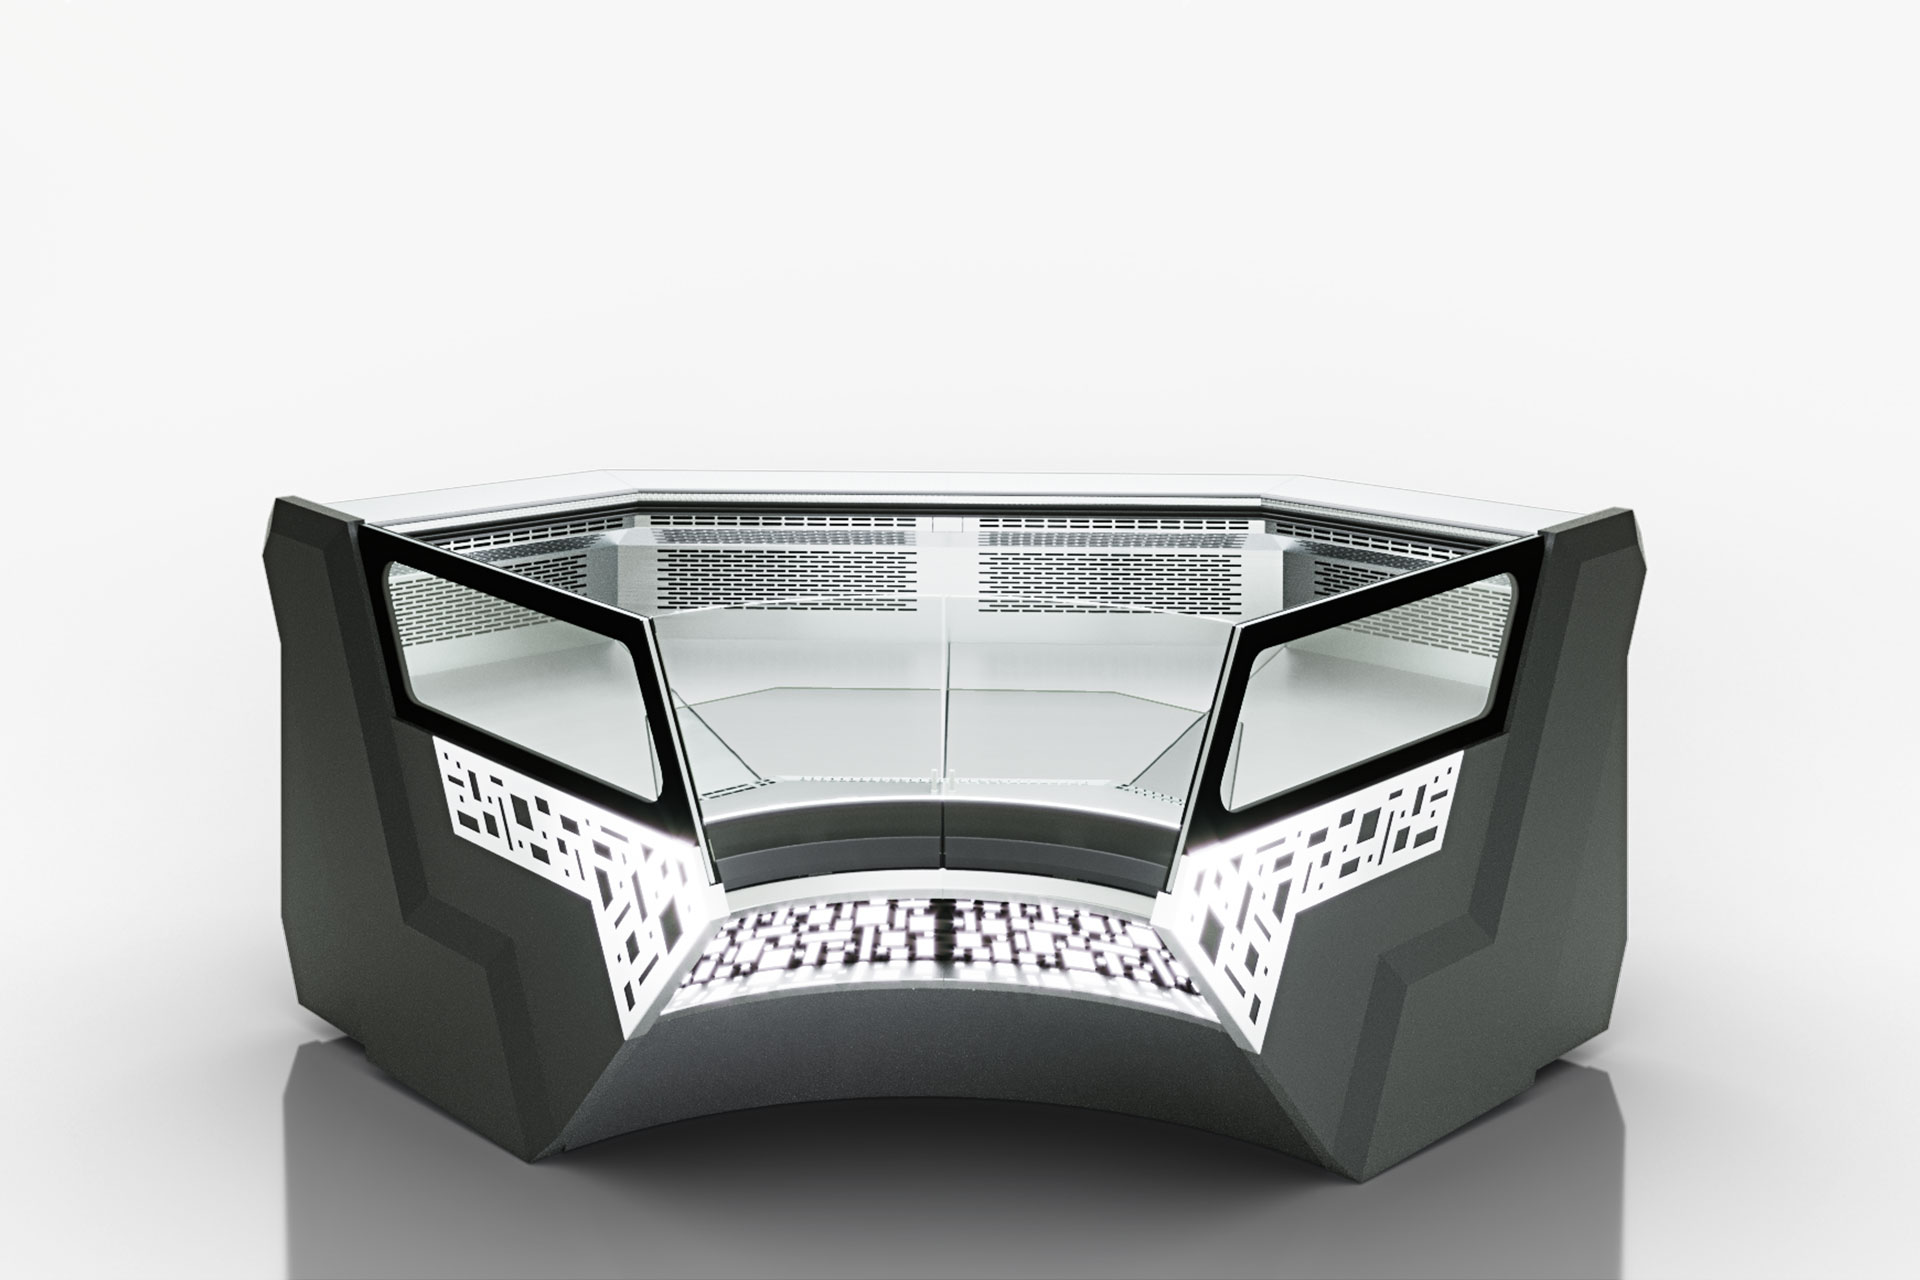 Витрина Missouri sapphire MK 115 deli self 125-DLM-IR90